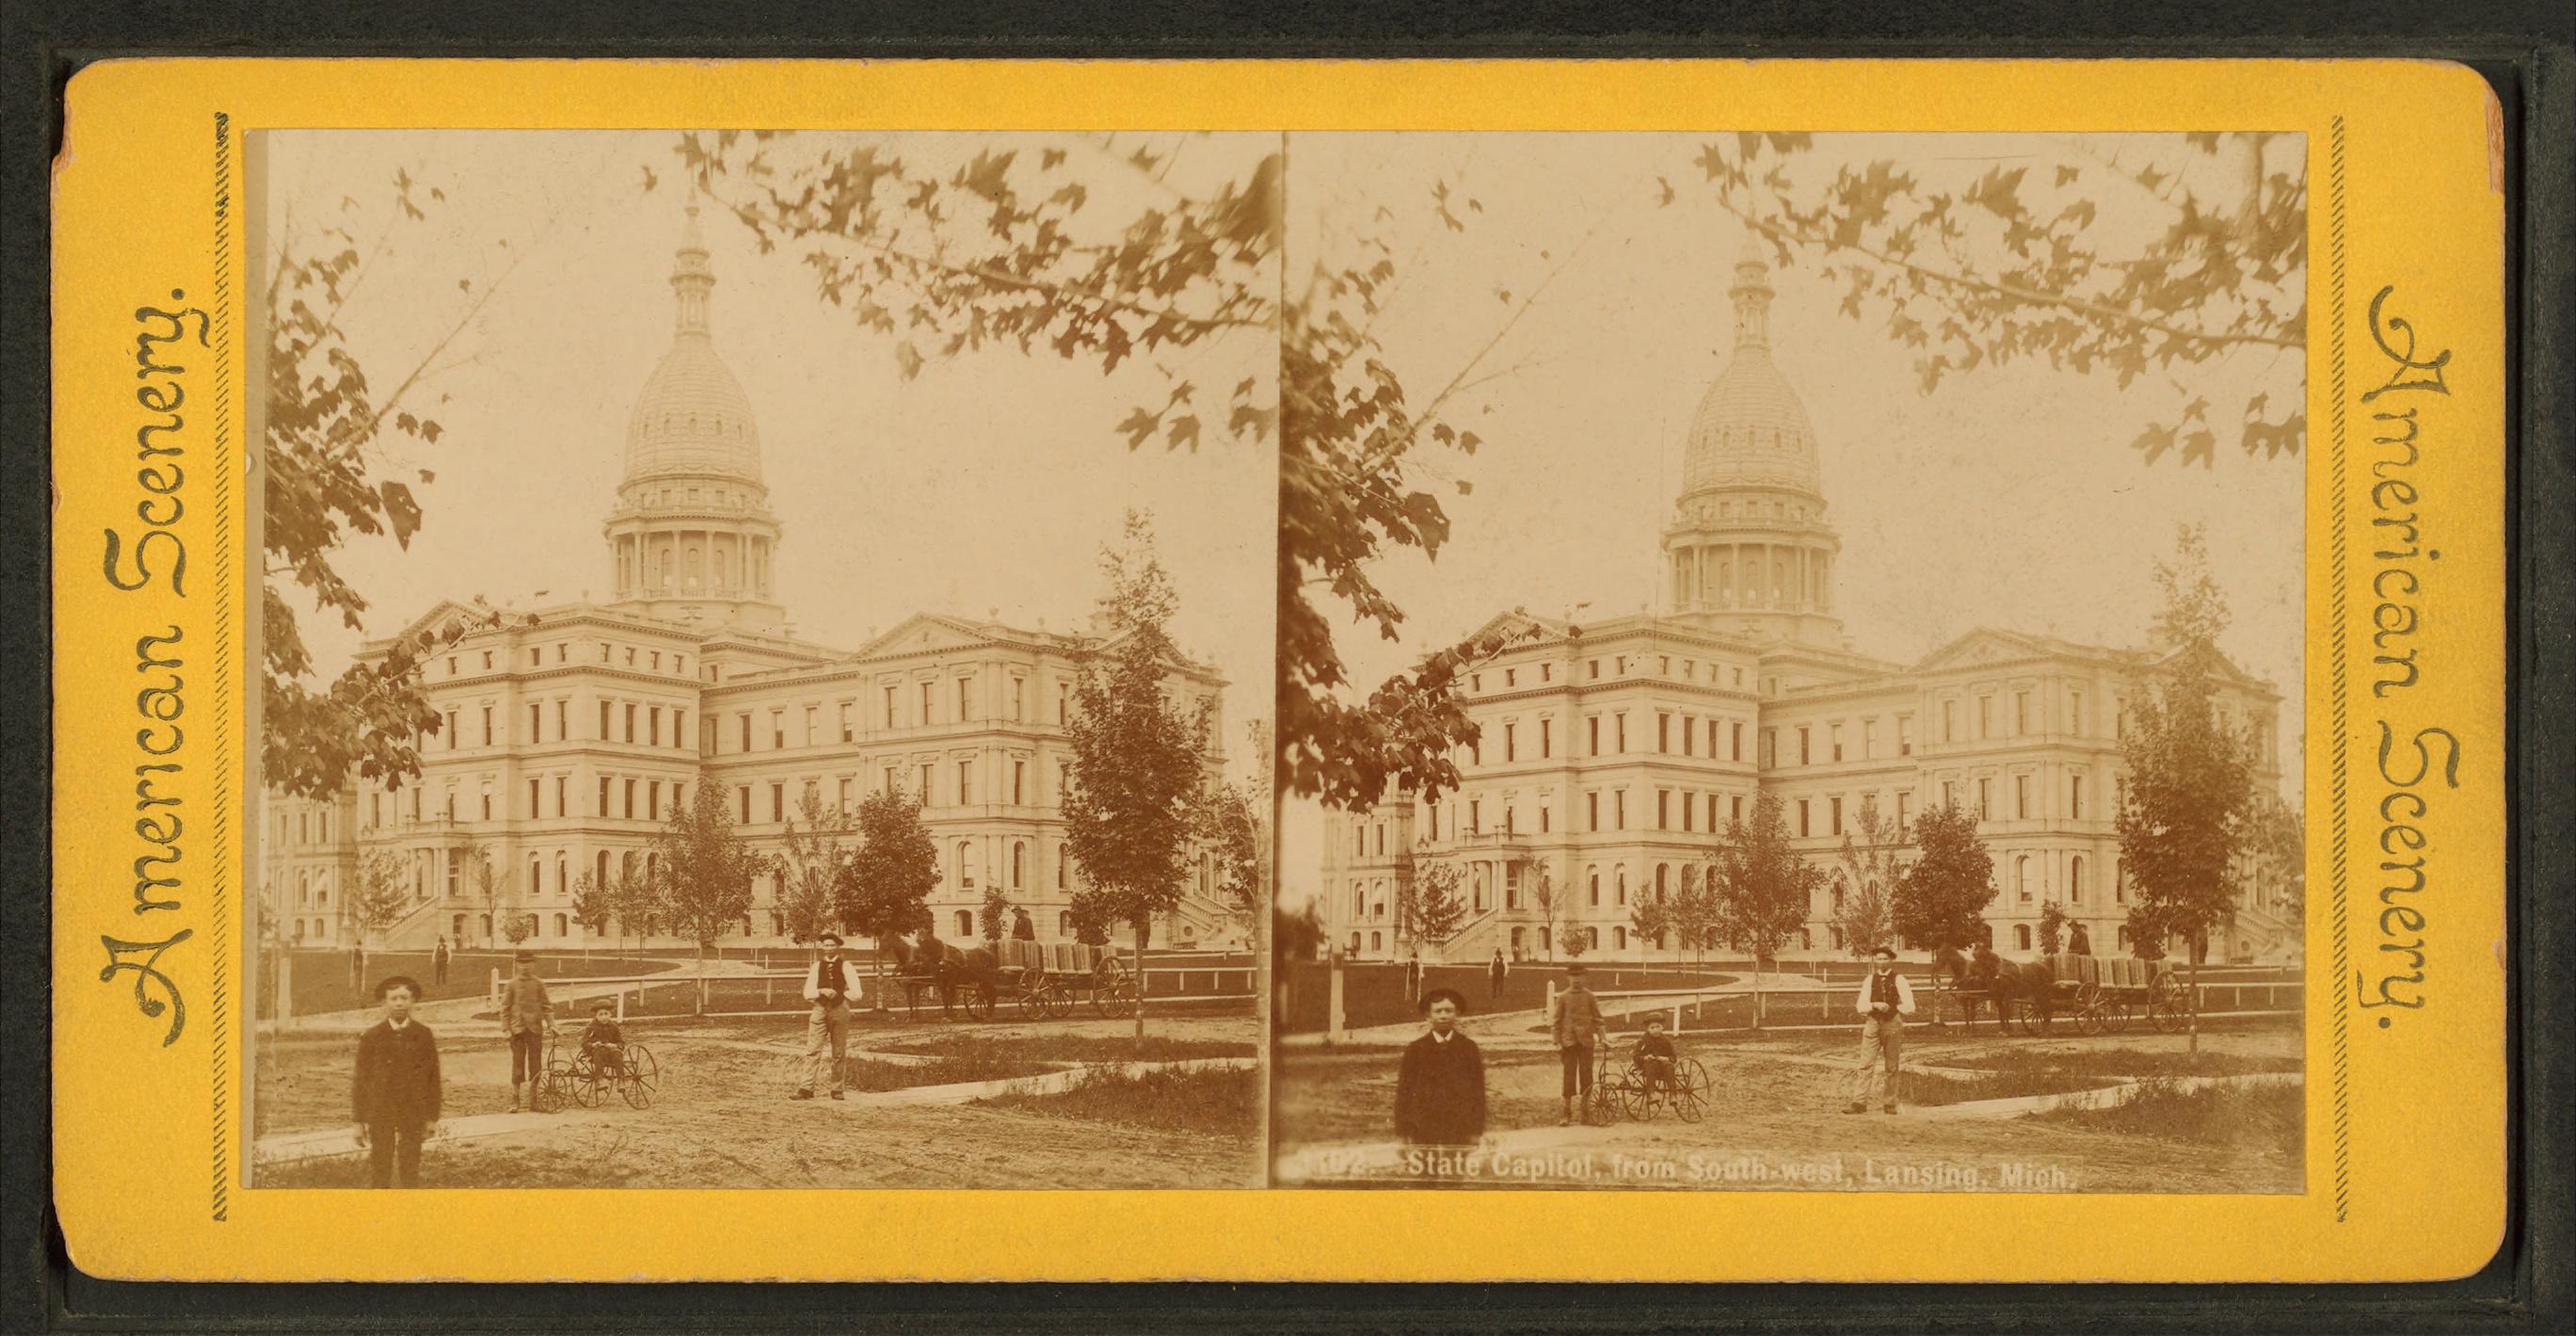 Michigan State Capitol, ca. 1885